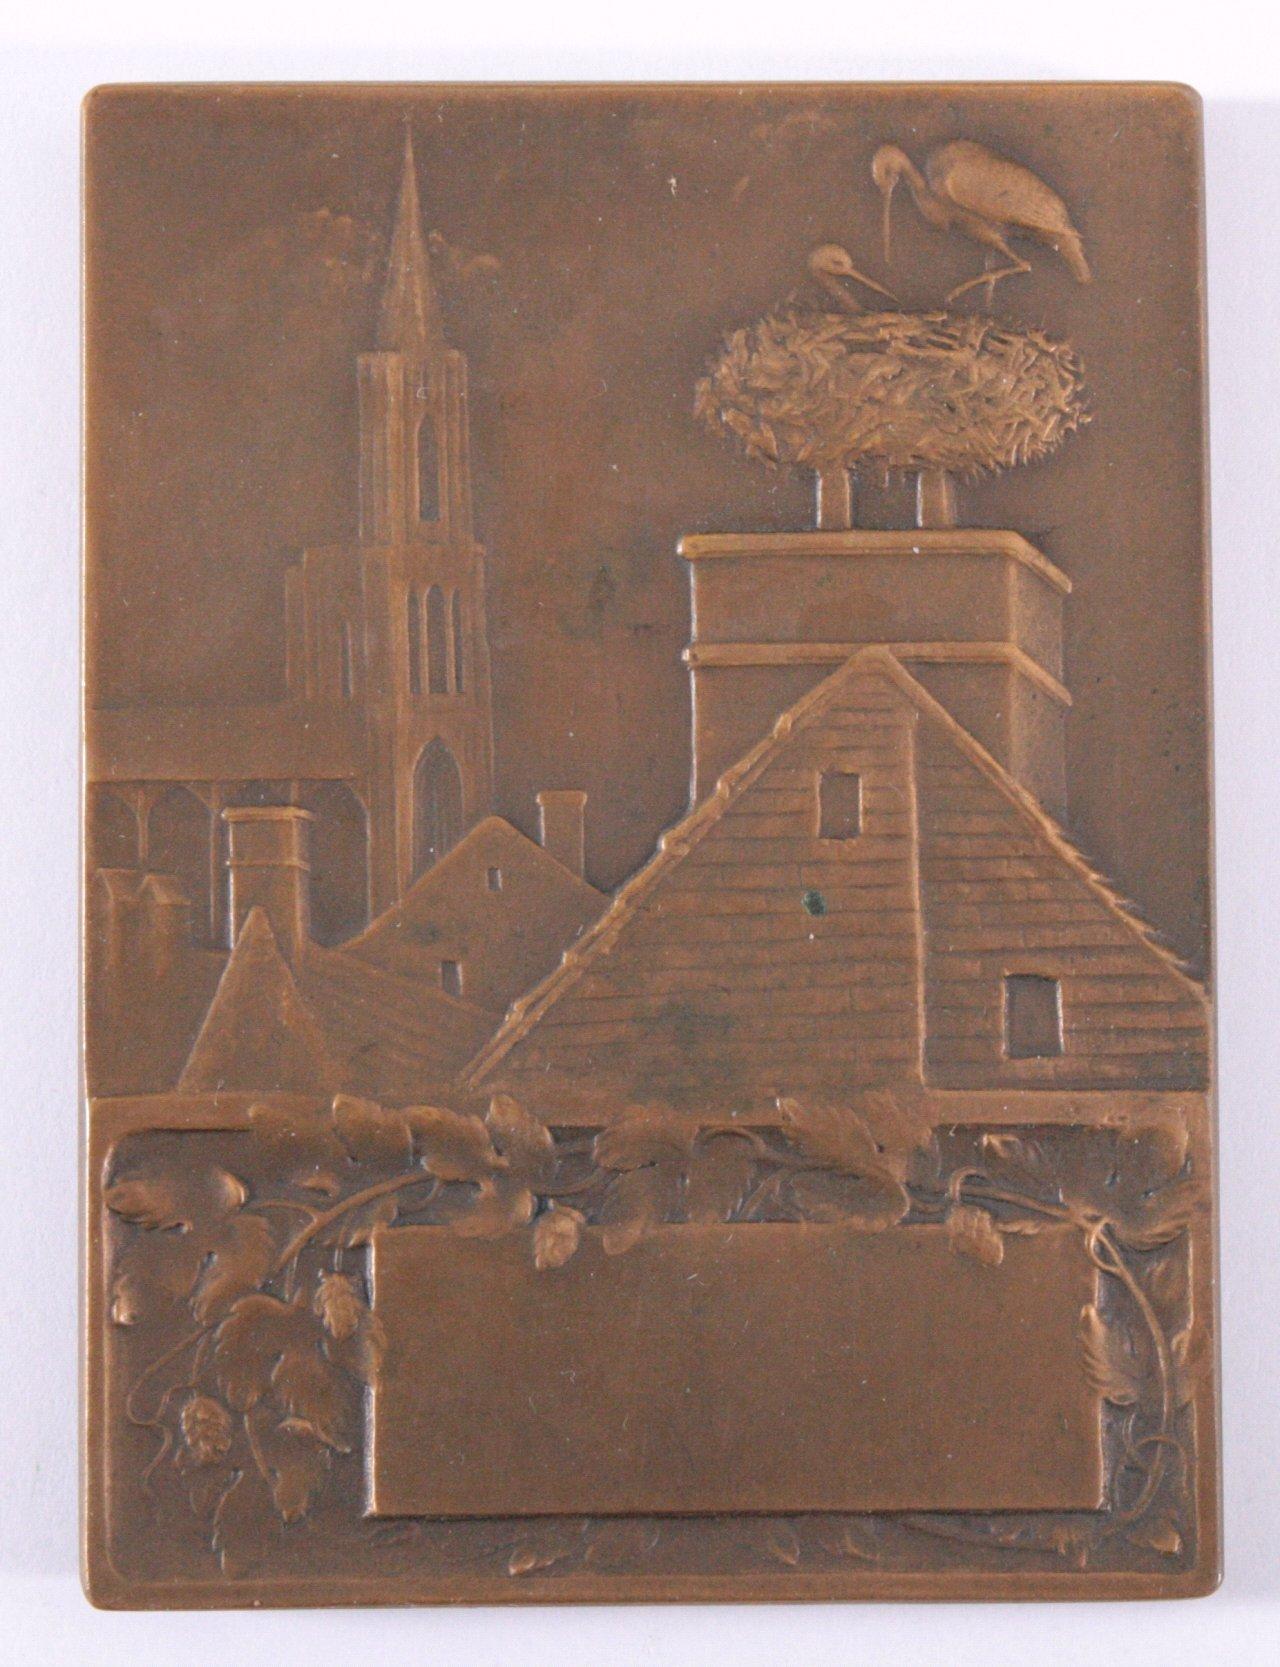 Plakette, Alsace und Straßbourg, Prudhomme 1919-1